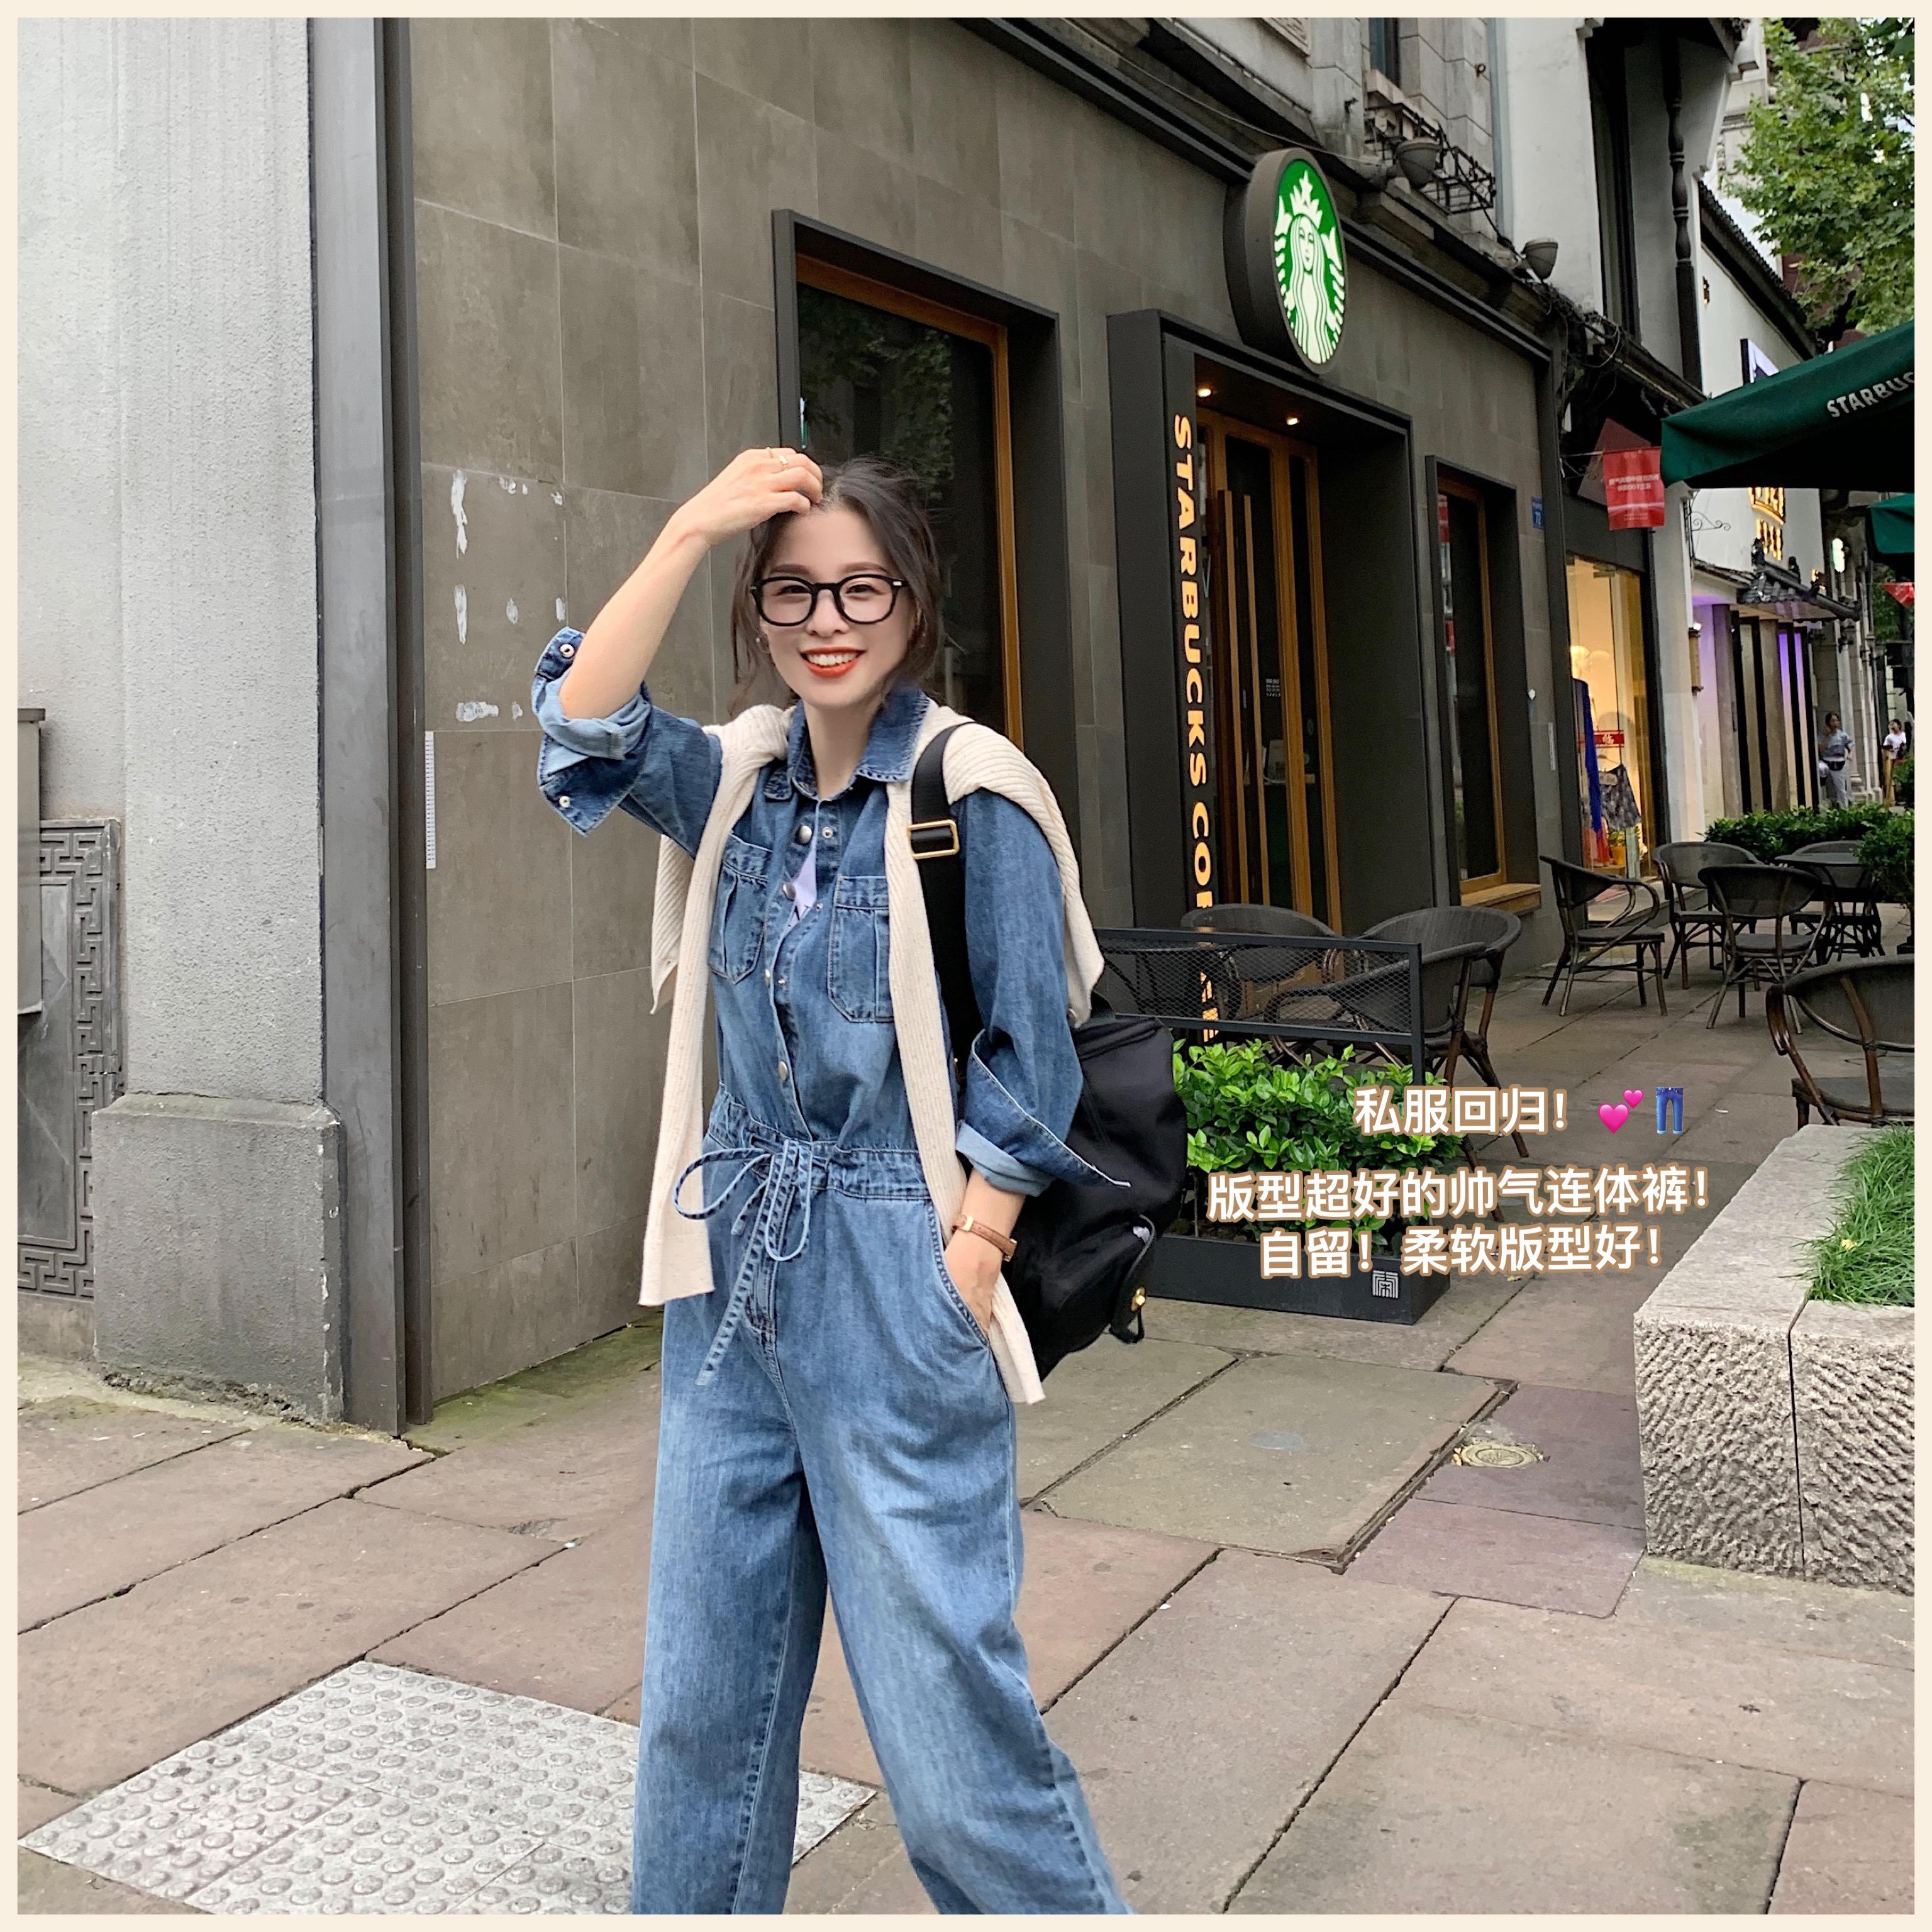 南瓜谷 复古黑胶连体裤~裤子新款纯棉气质时尚牛仔连体衣女 K05